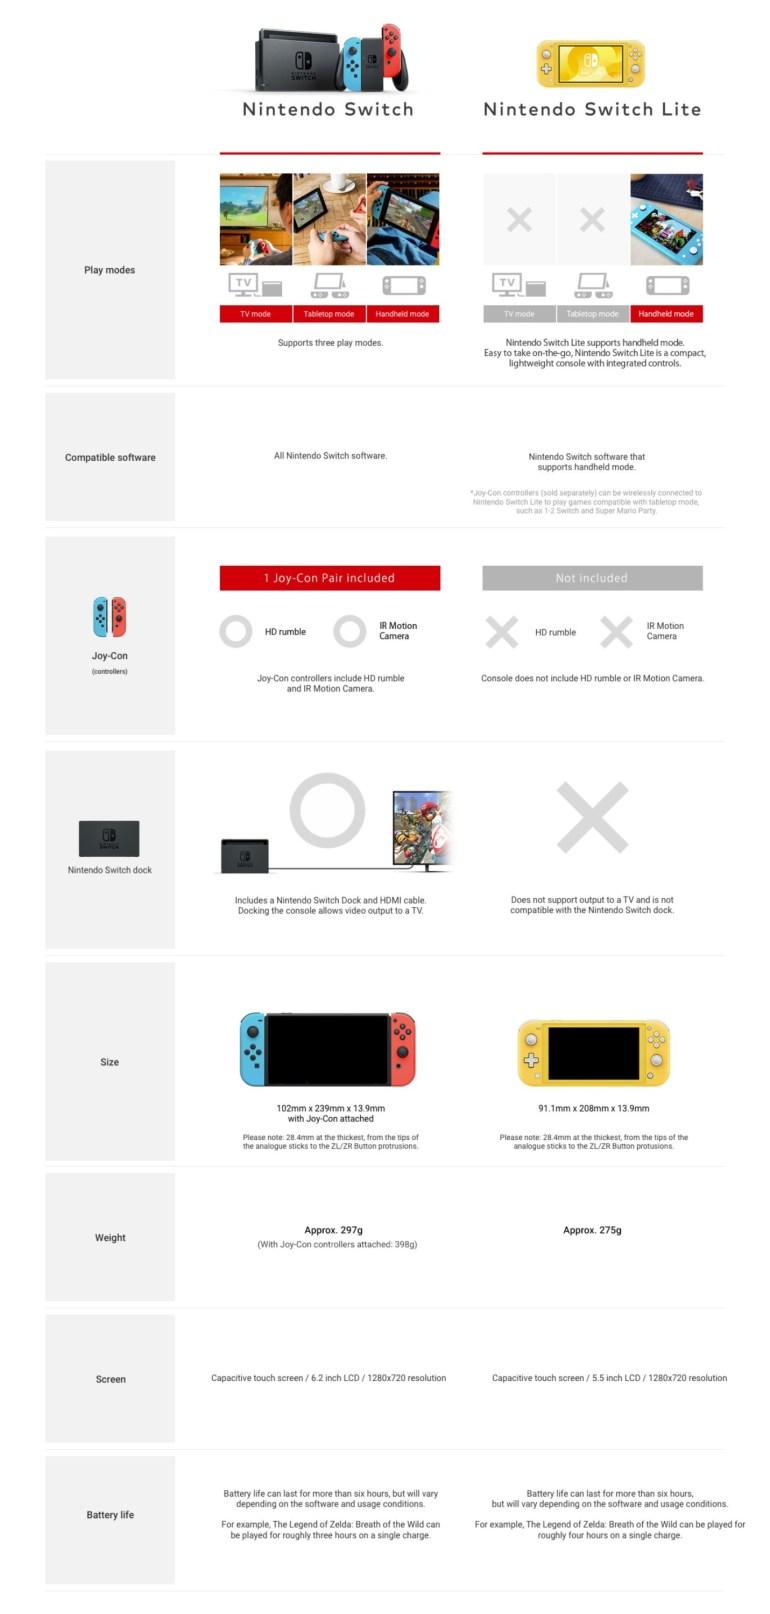 Анонсирована Nintendo Switch Lite - новая компактная консоль с несъемными джойстиками, отсутствием подключения к ТВ и стартом продаж в сентябре по цене $199